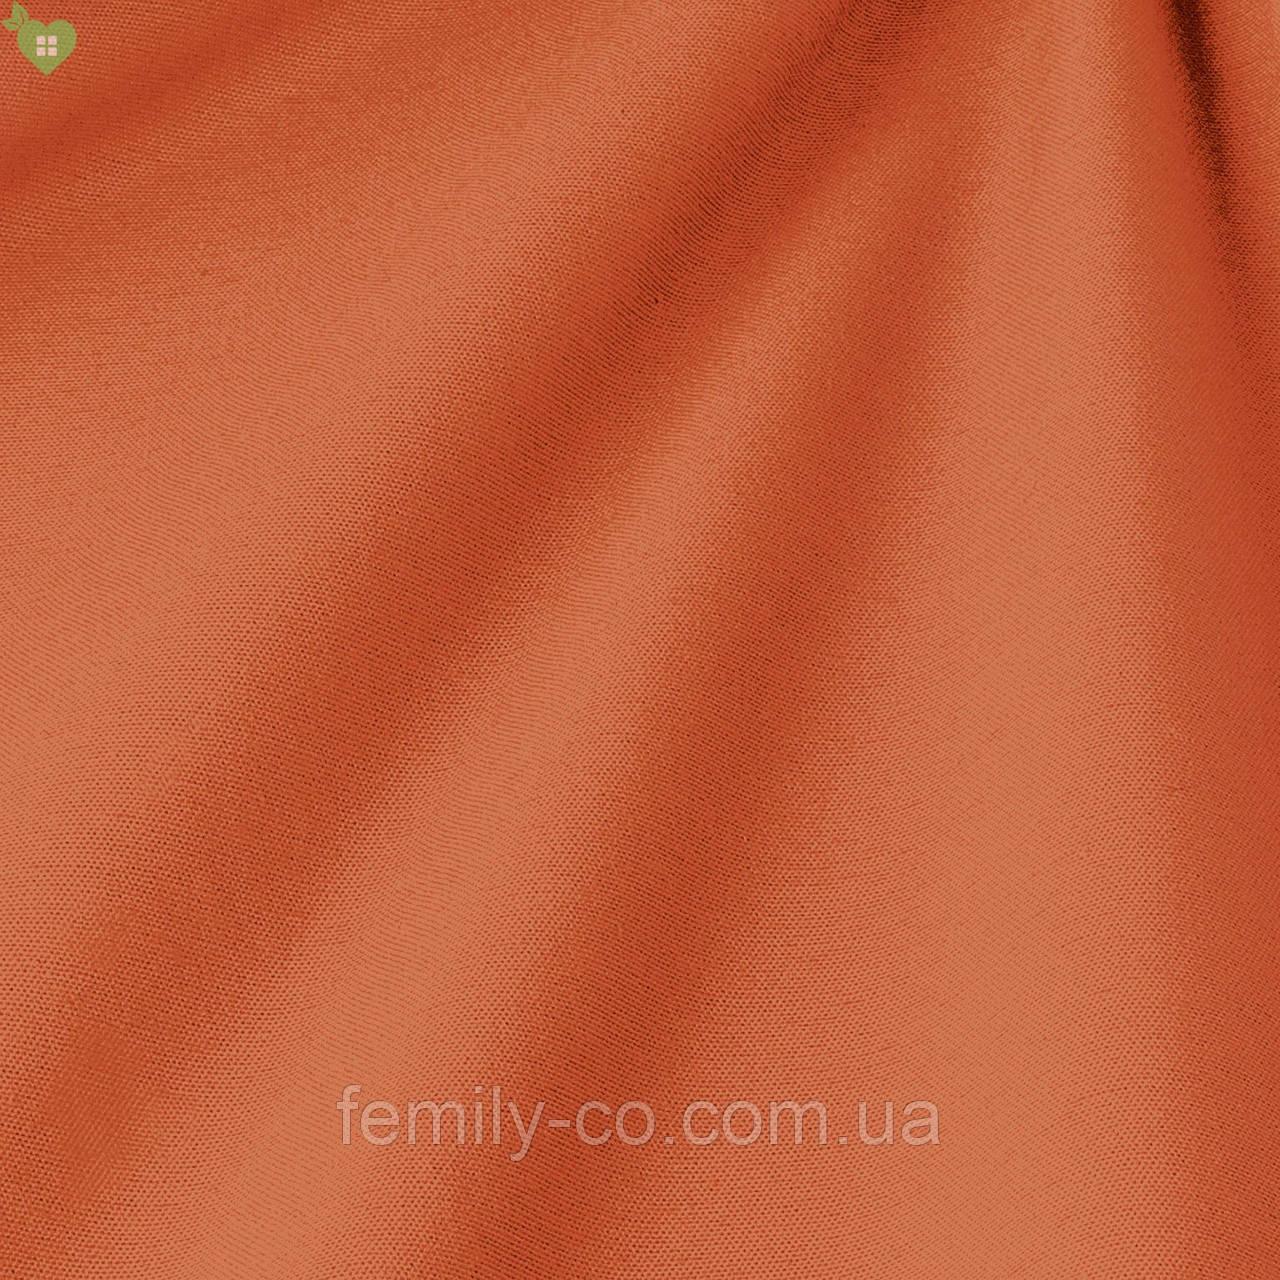 Однотонная декоративная ткань цвета кожуры апельсина Испания 82454v15